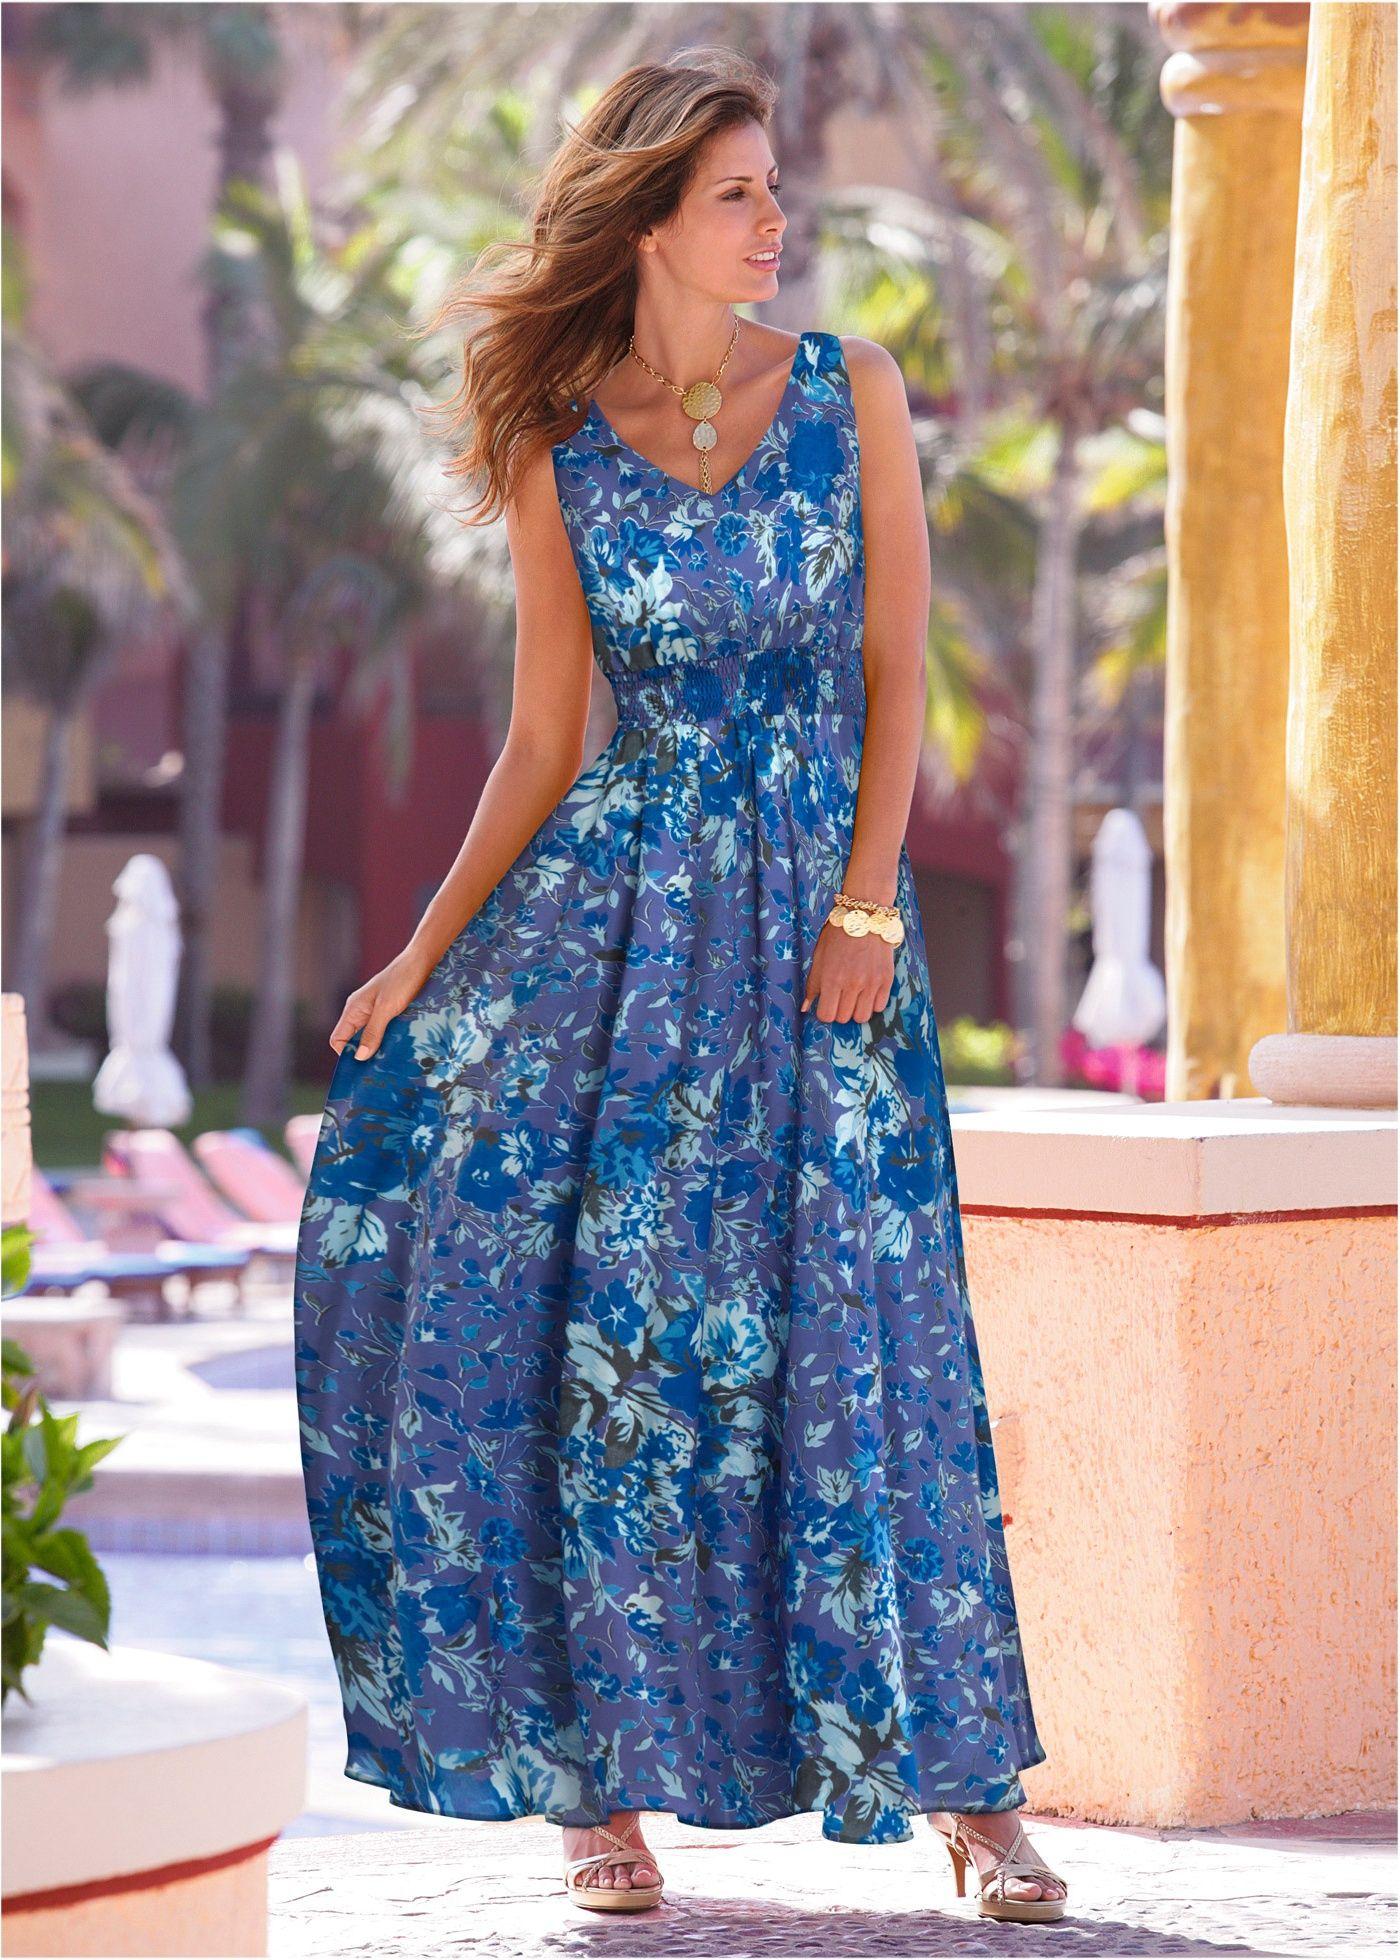 692fb2335b38 Vestido longo estampado azul celeste/ azul médio encomendar agora na loja  on-line bonprix.com.br R$ 139,90 a partir de Cada peça é única!